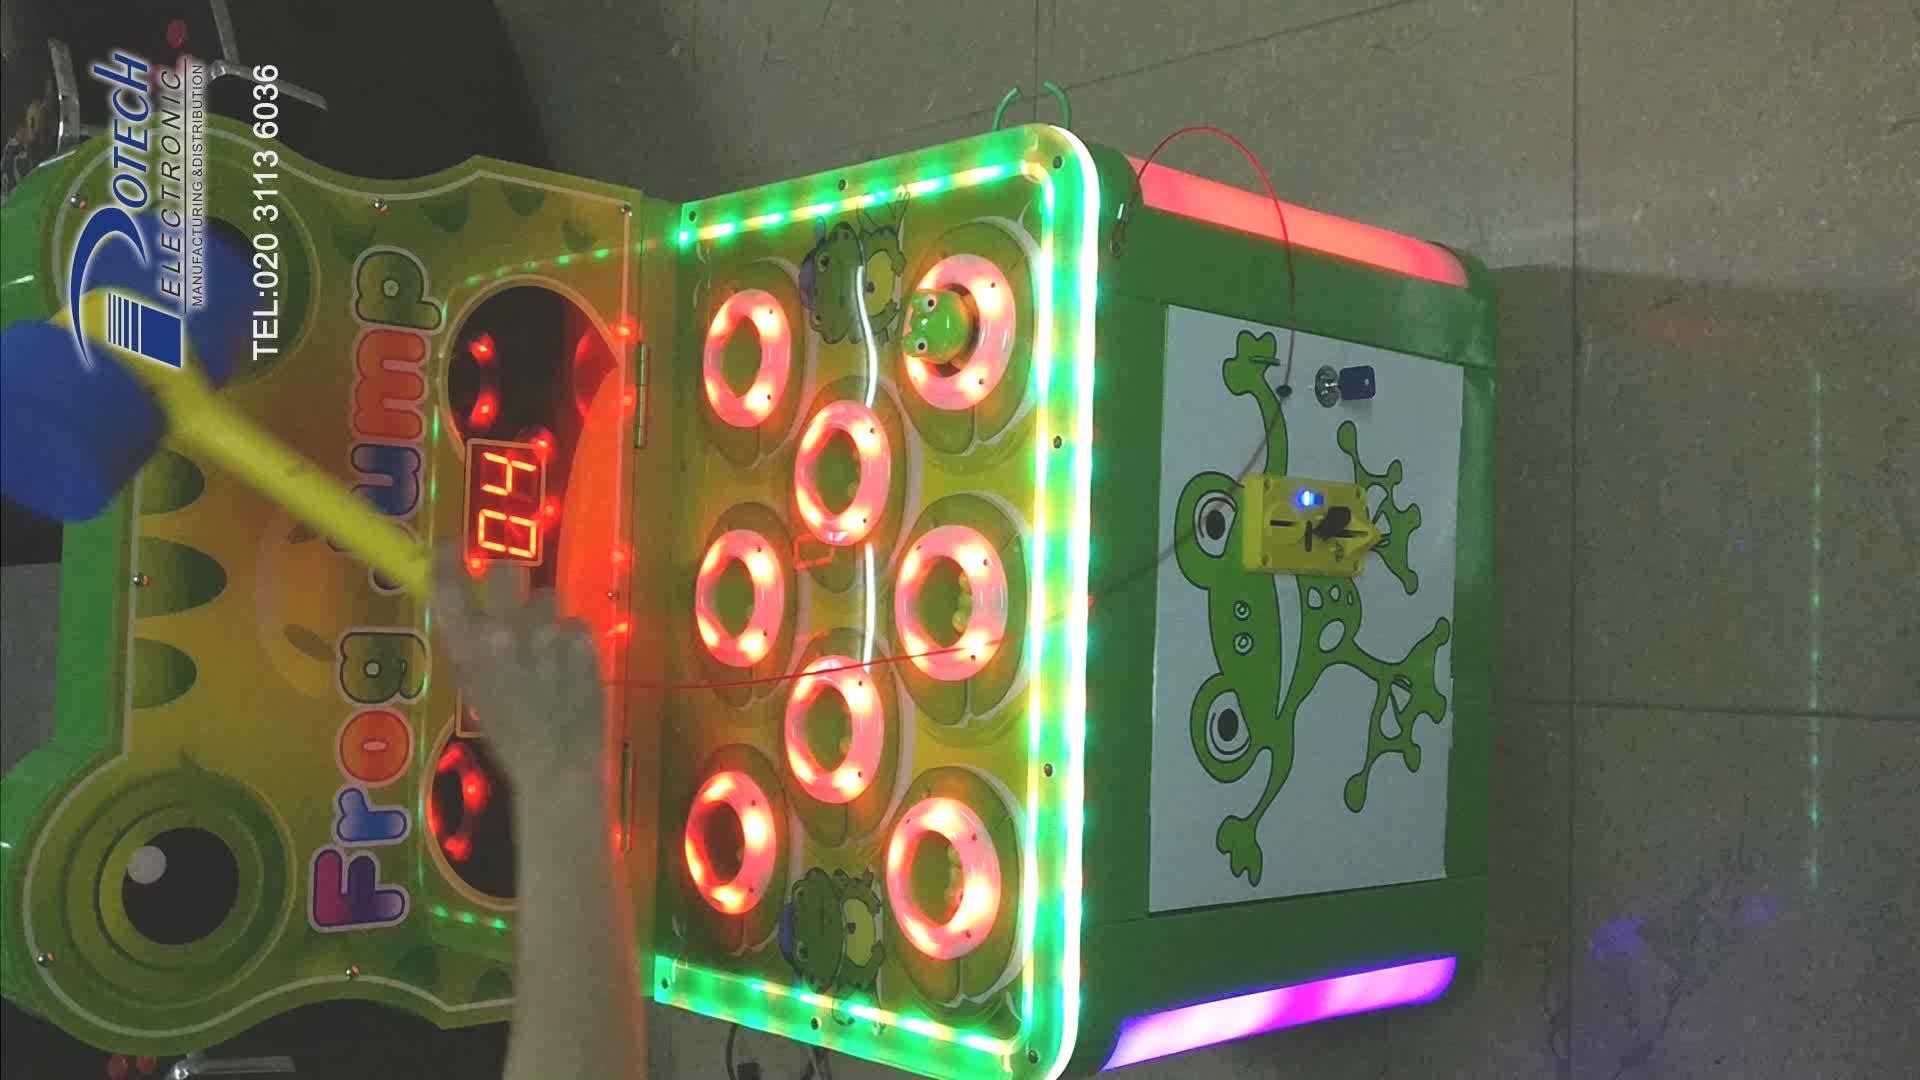 Enfants Frappant Marteau Grenouille Whack A Taupe Rachat Machine De Jeu À  Pièces Mickey Mouse Marteau Arcade Machine De Jeu - Buy Whack Une Machine  De concernant Jeux De Taupe